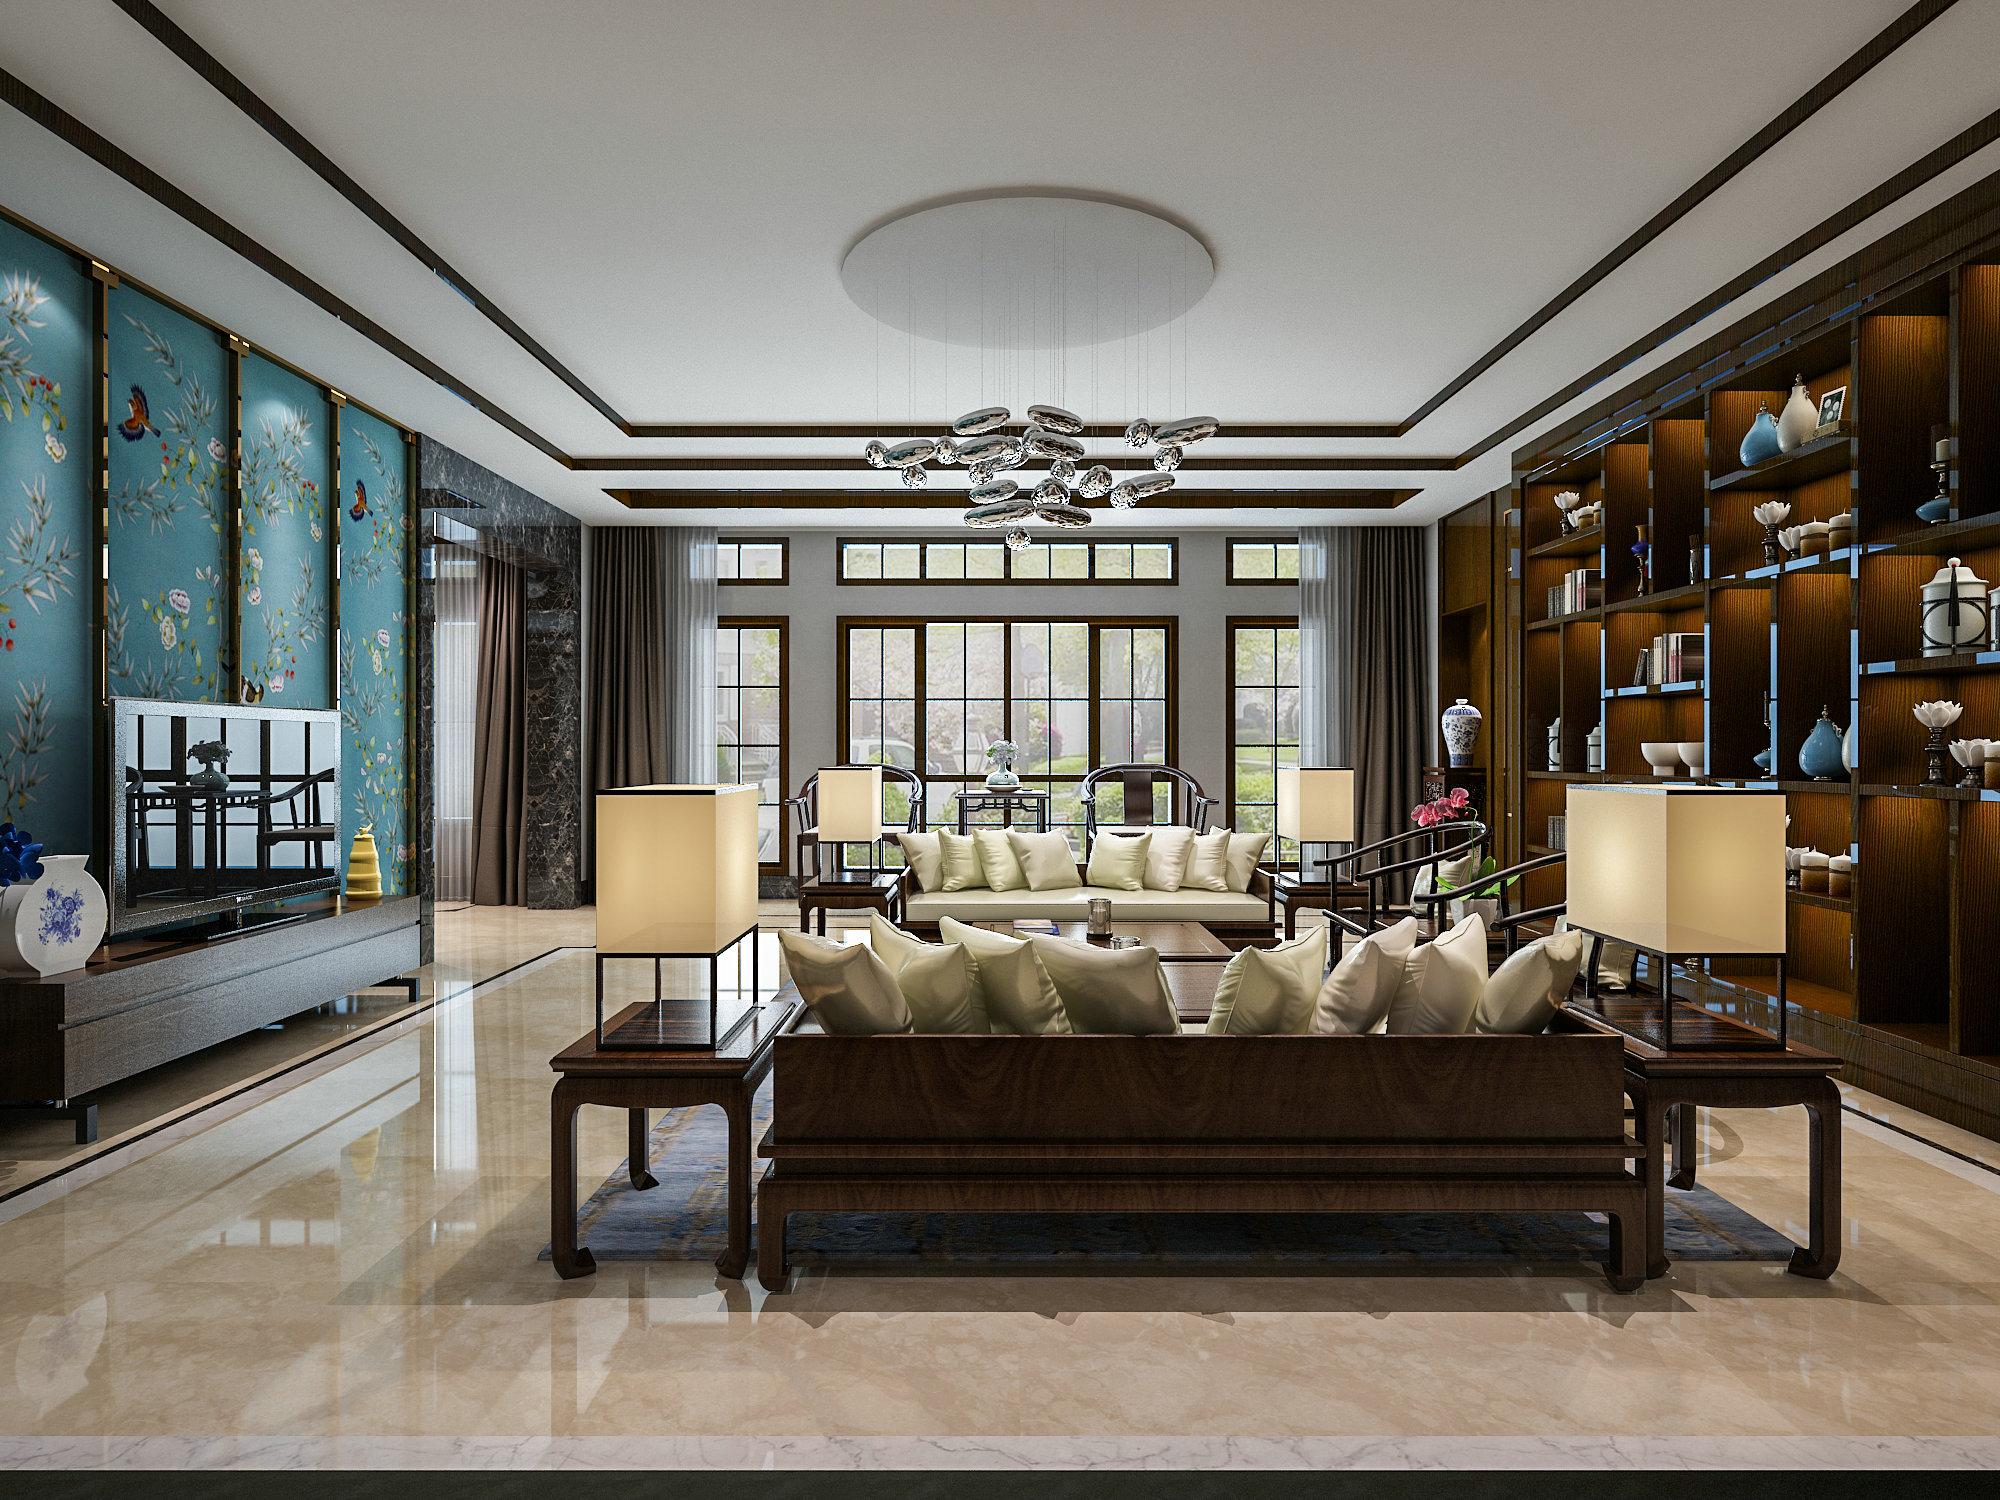 虹桥高尔夫 别墅装修 新中式风格 腾龙设计 客厅图片来自孔继民在虹桥高尔夫别墅新中式风格设计的分享